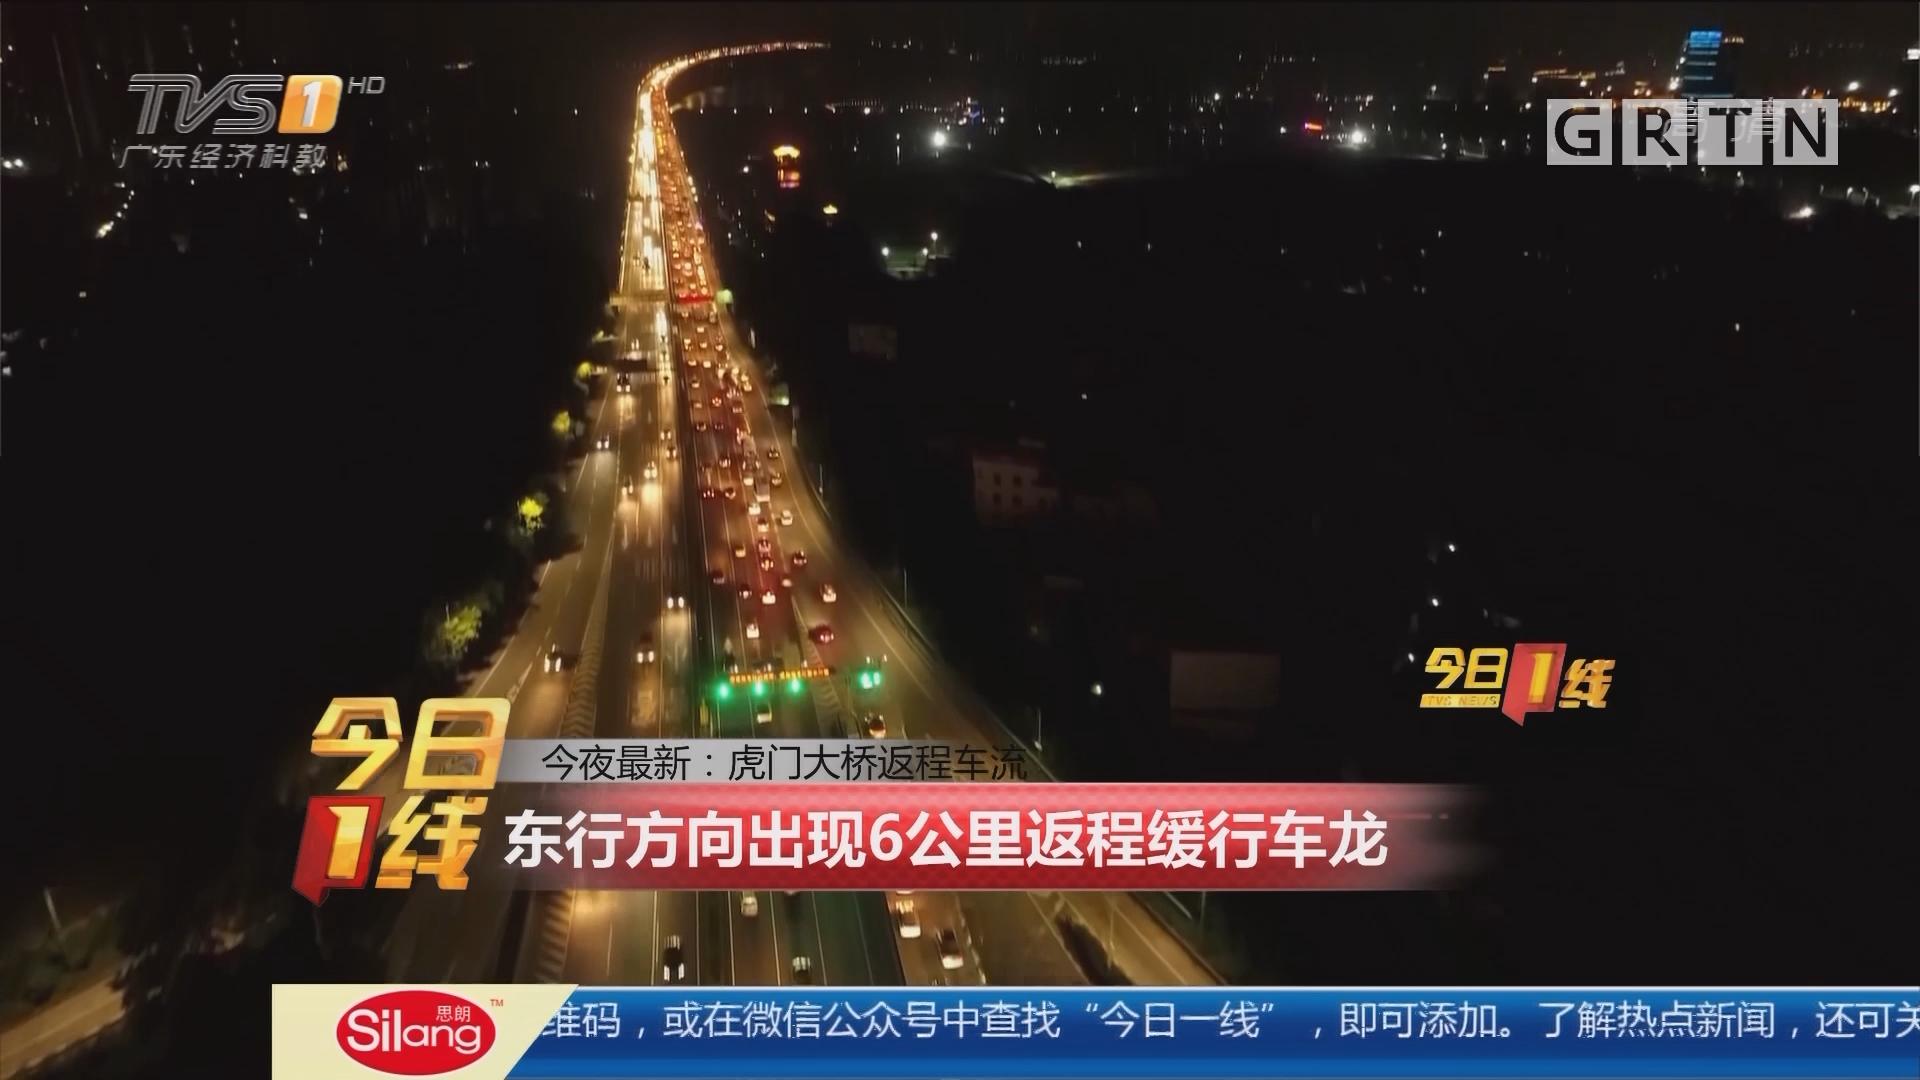 今夜最新:虎门大桥返程车流 东行方向出现6公里返程缓行车龙